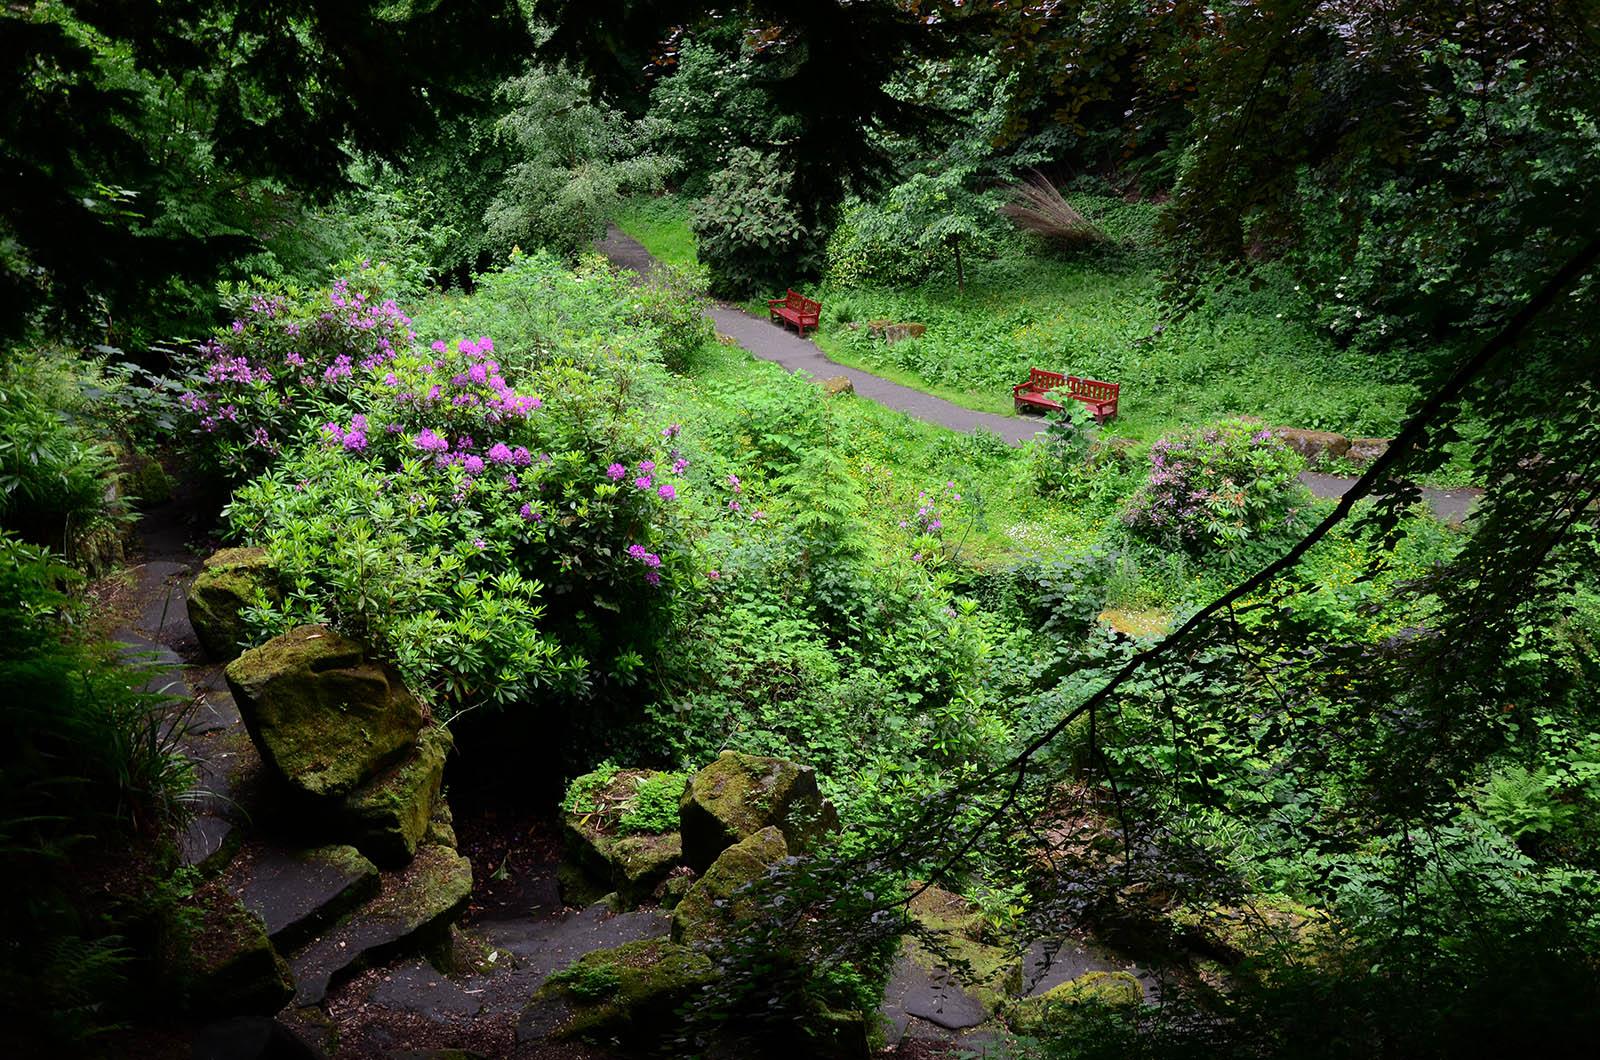 Pittencrieff Park, Dunfermline, Scotland